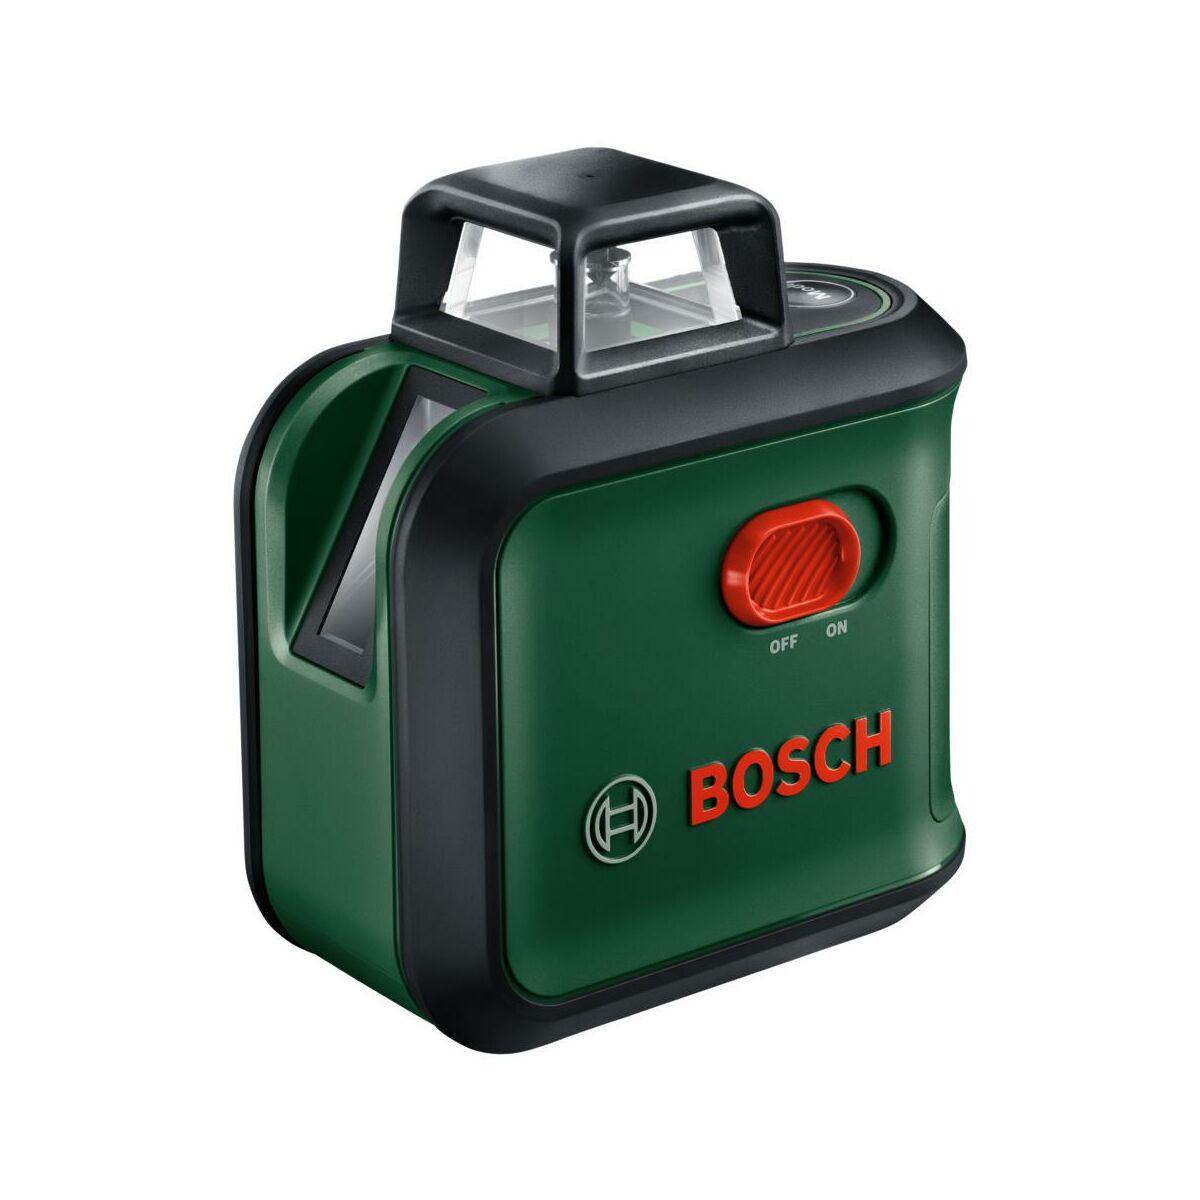 Laser Krzyzowy Advlevel 360 Statyw Tt 150 Bosch Urzadzenia Laserowe W Atrakcyjnej Cenie W Sklepach Leroy Merlin